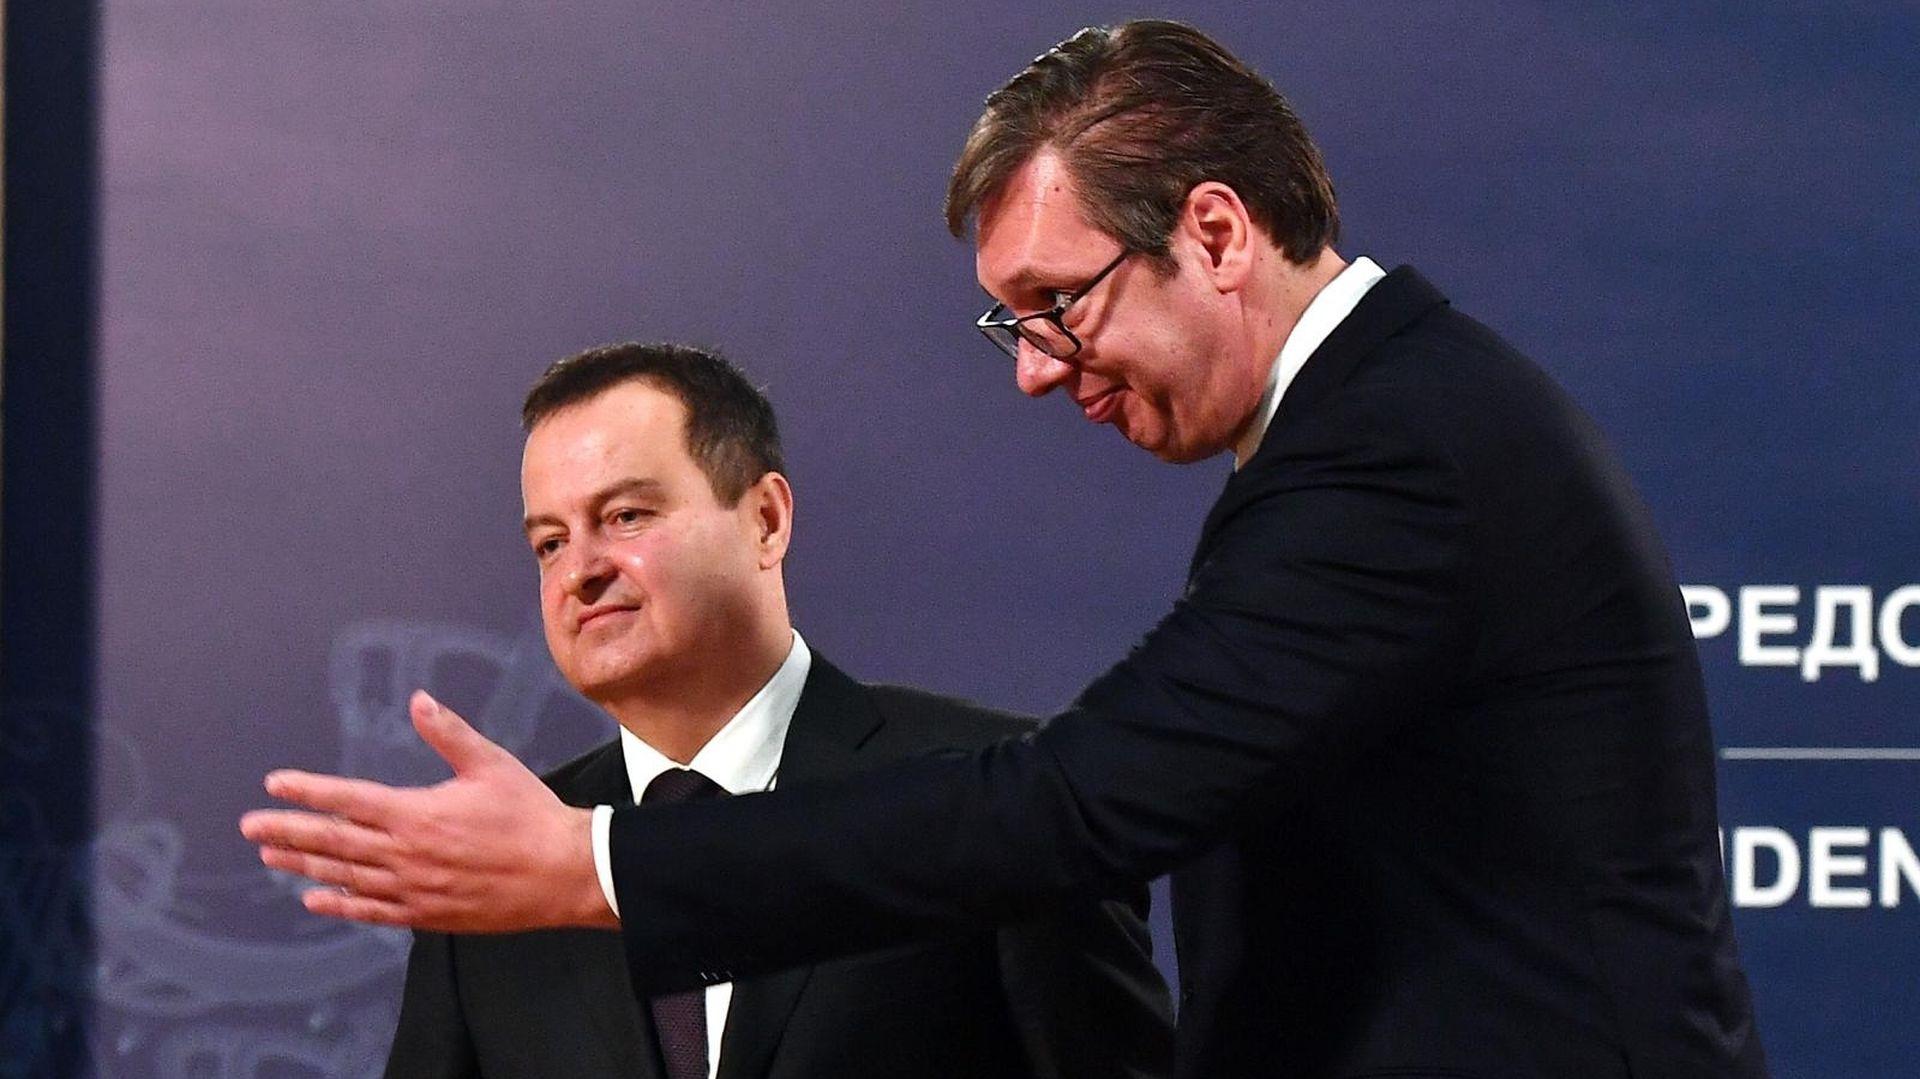 Politikin zabavnik promovira srpske naciste i ratne zločince